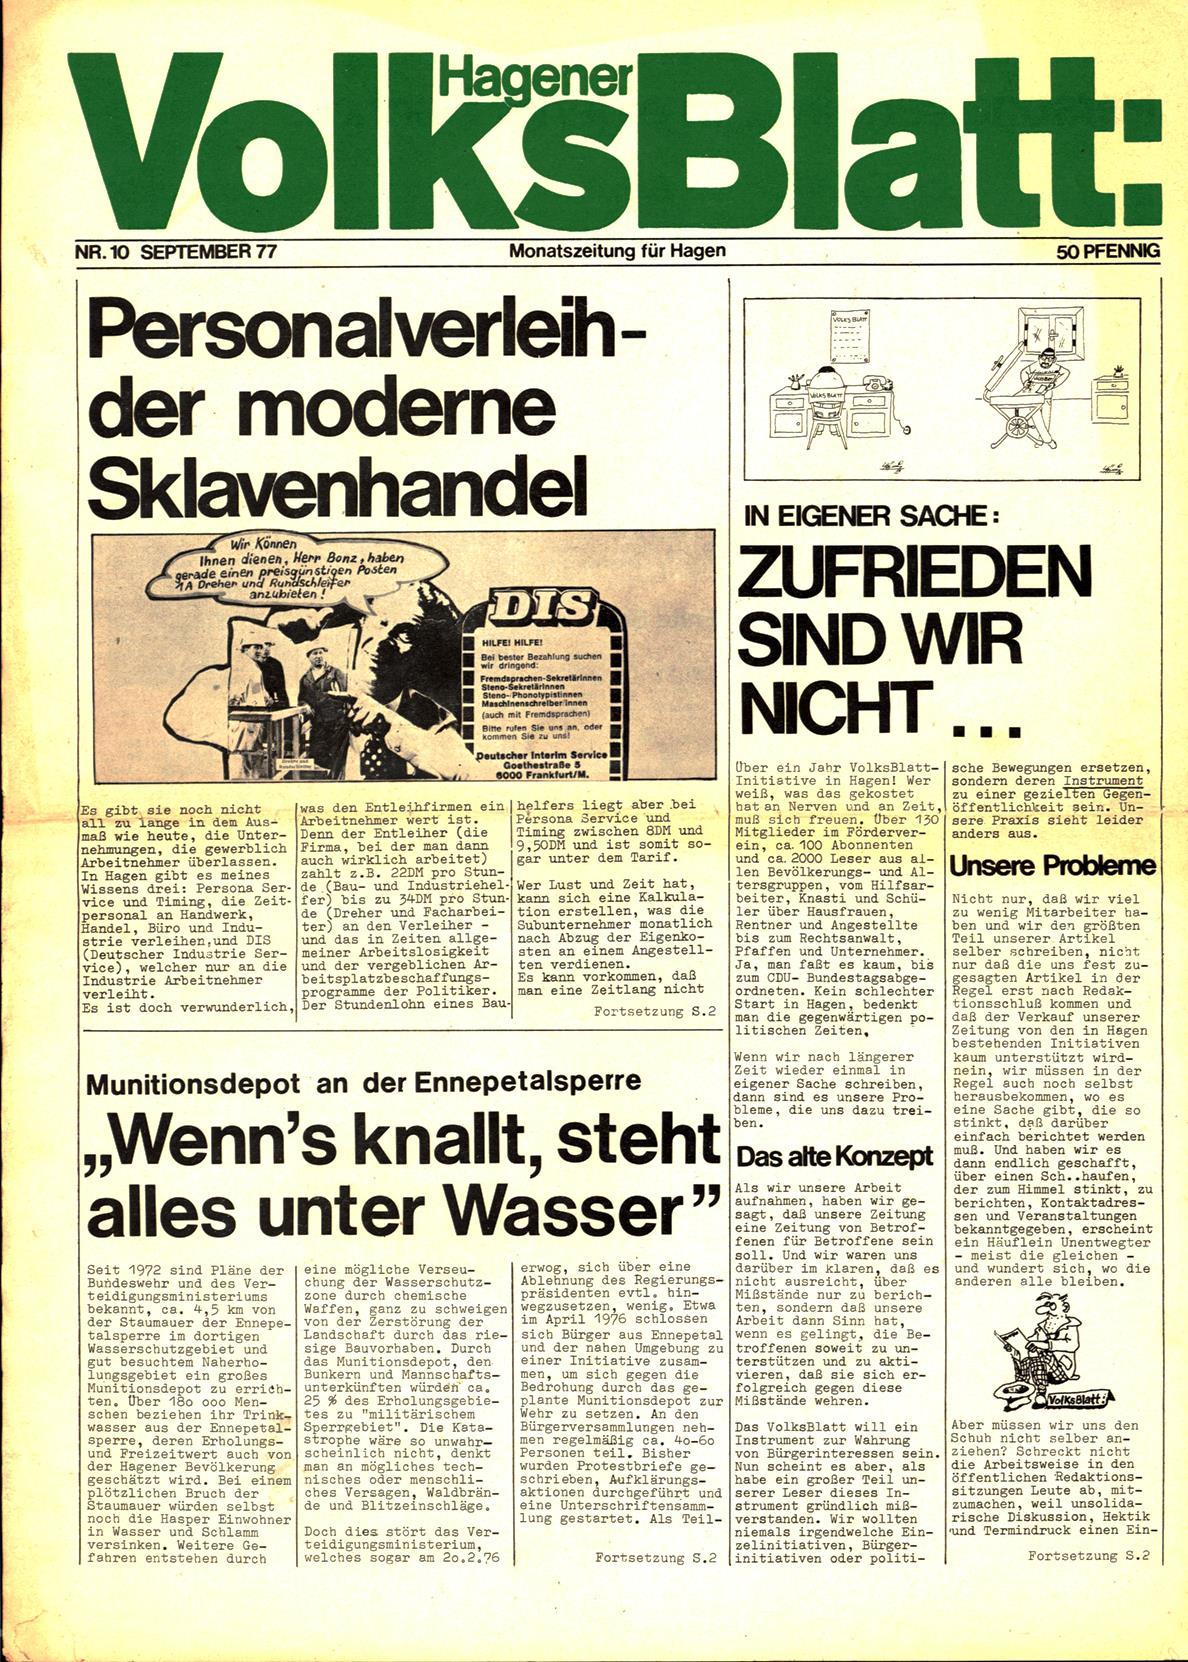 Hagen_Volksblatt_19770900_01